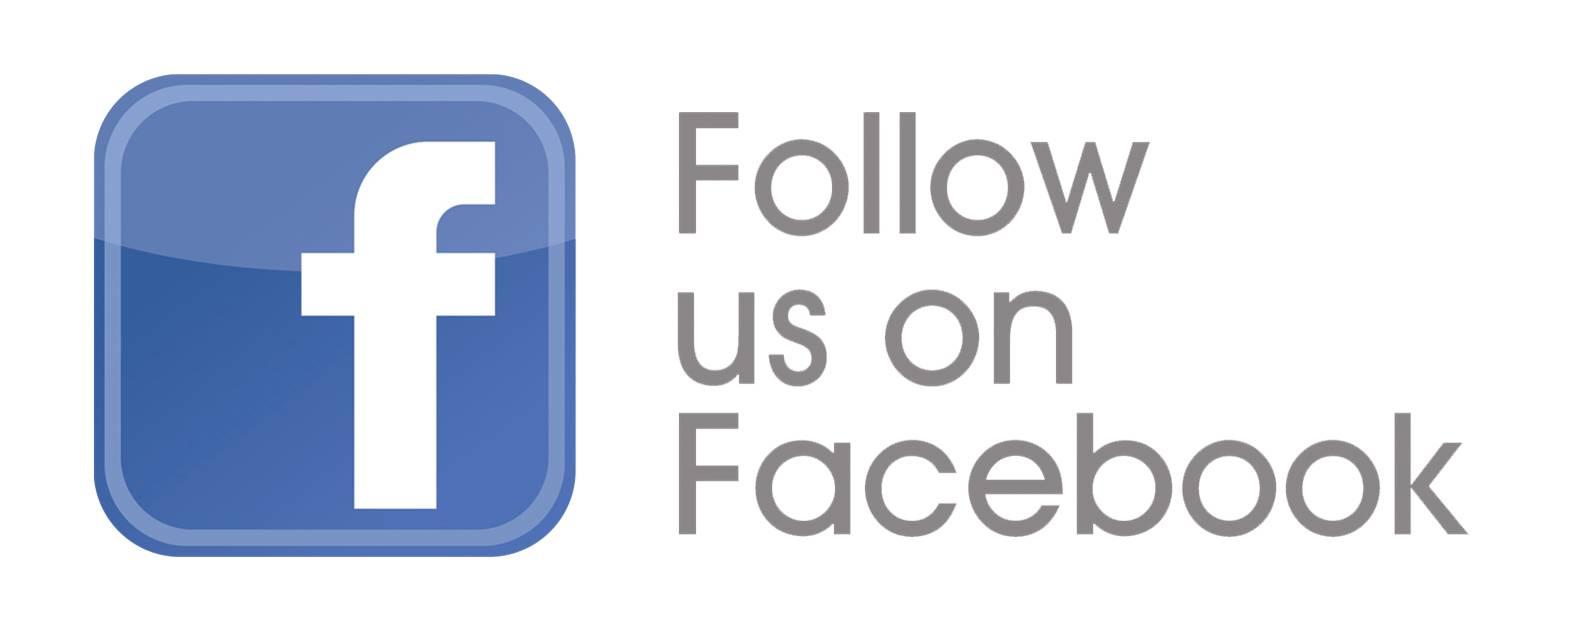 facebookbutton3a.jpg